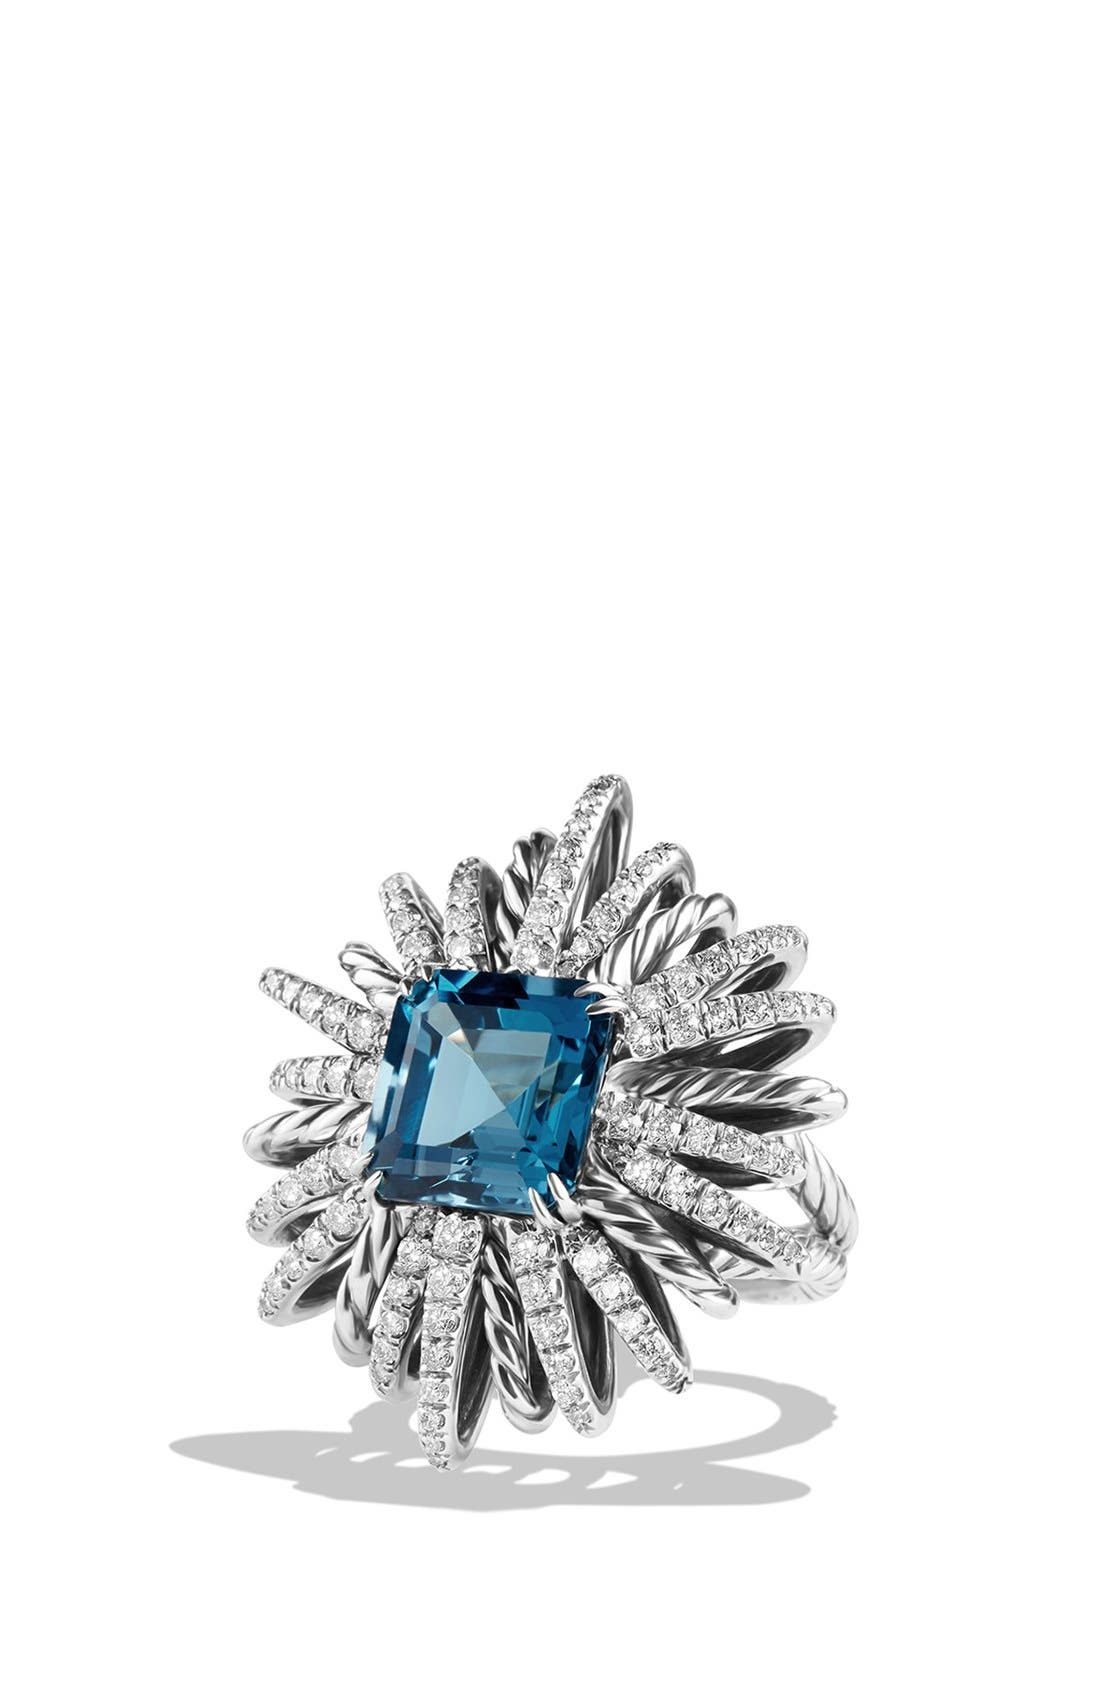 Main Image - David Yurman 'Starburst' Ring with Semiprecious Stone and Diamonds